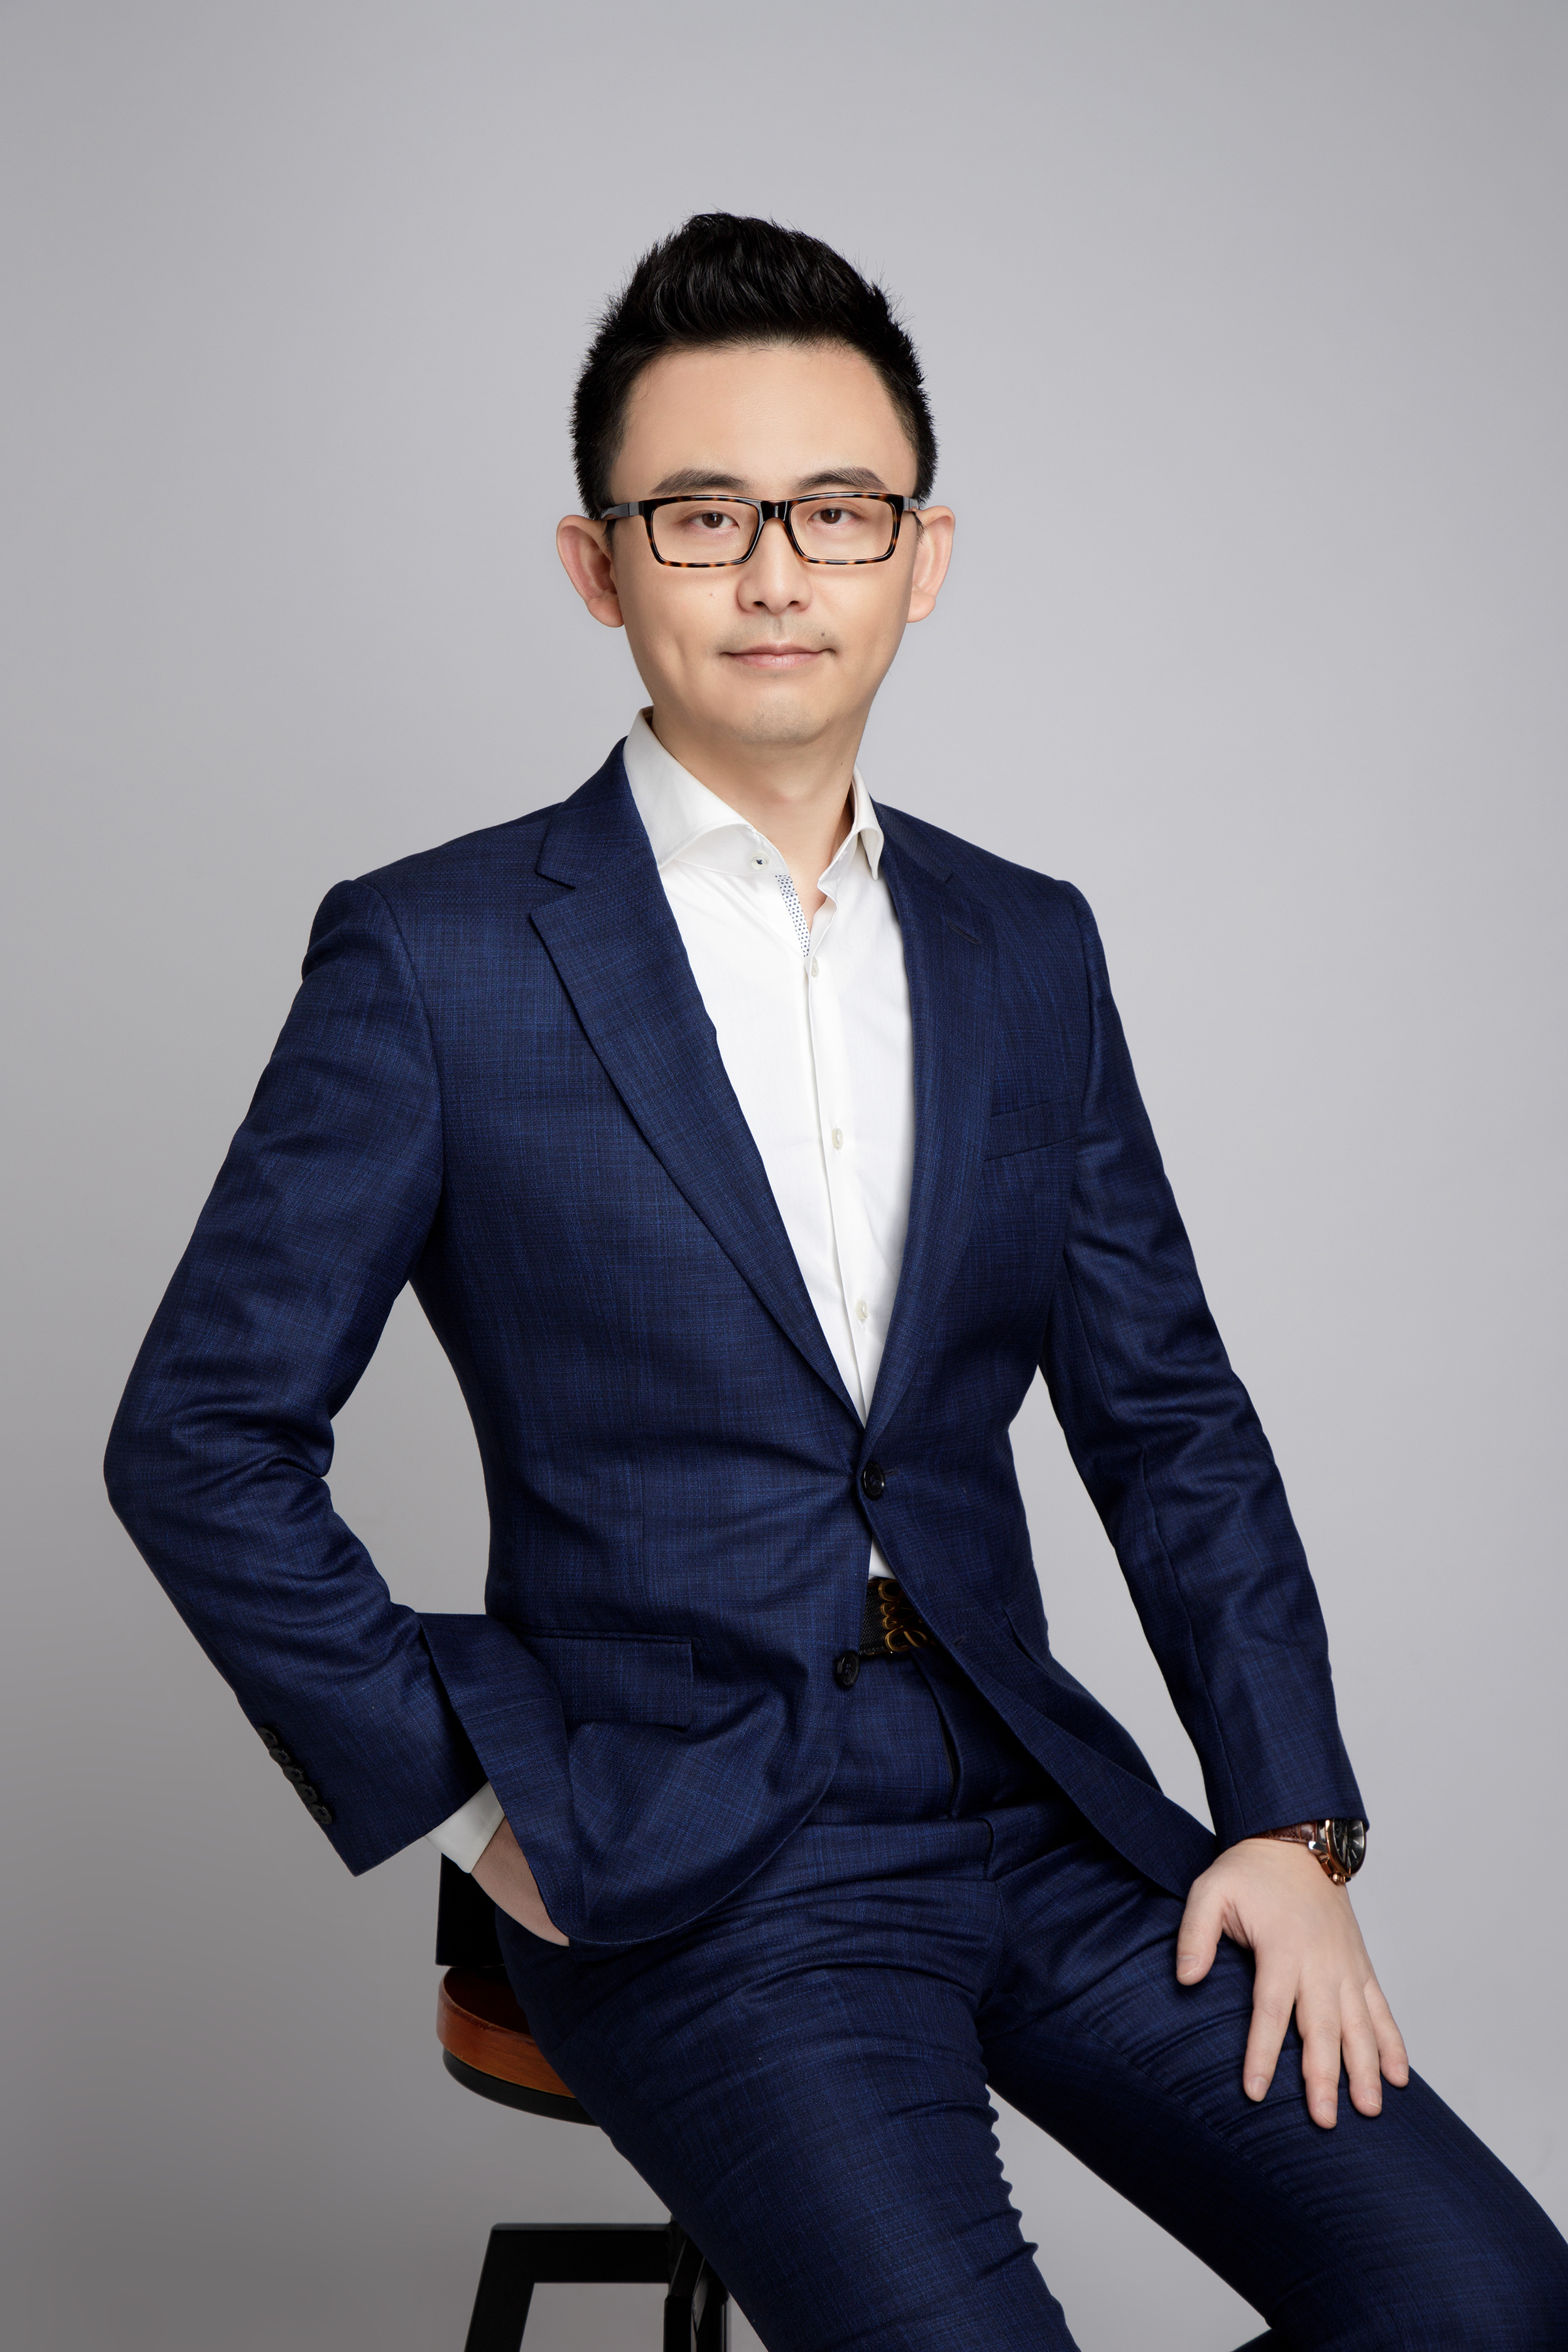 当代置业营销中心总经理李晓坤